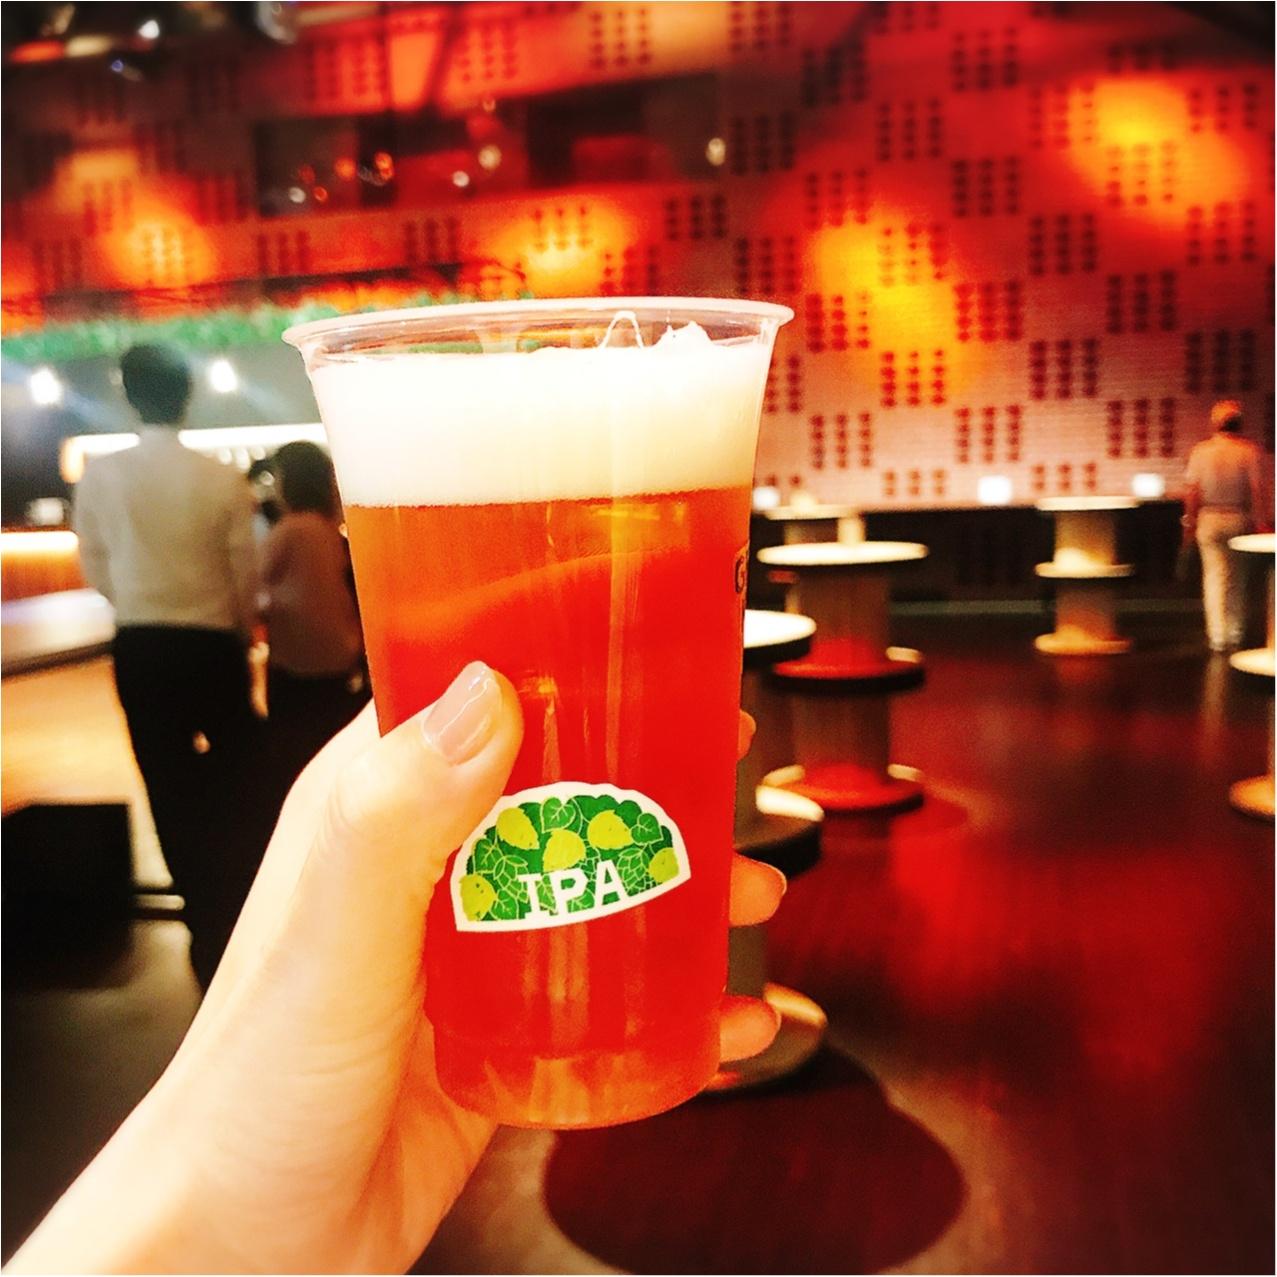 【#カンパイ展】ビールが飲めなくても楽しめるっ♡フォトジェニックな体験型エキシビジョン!_5